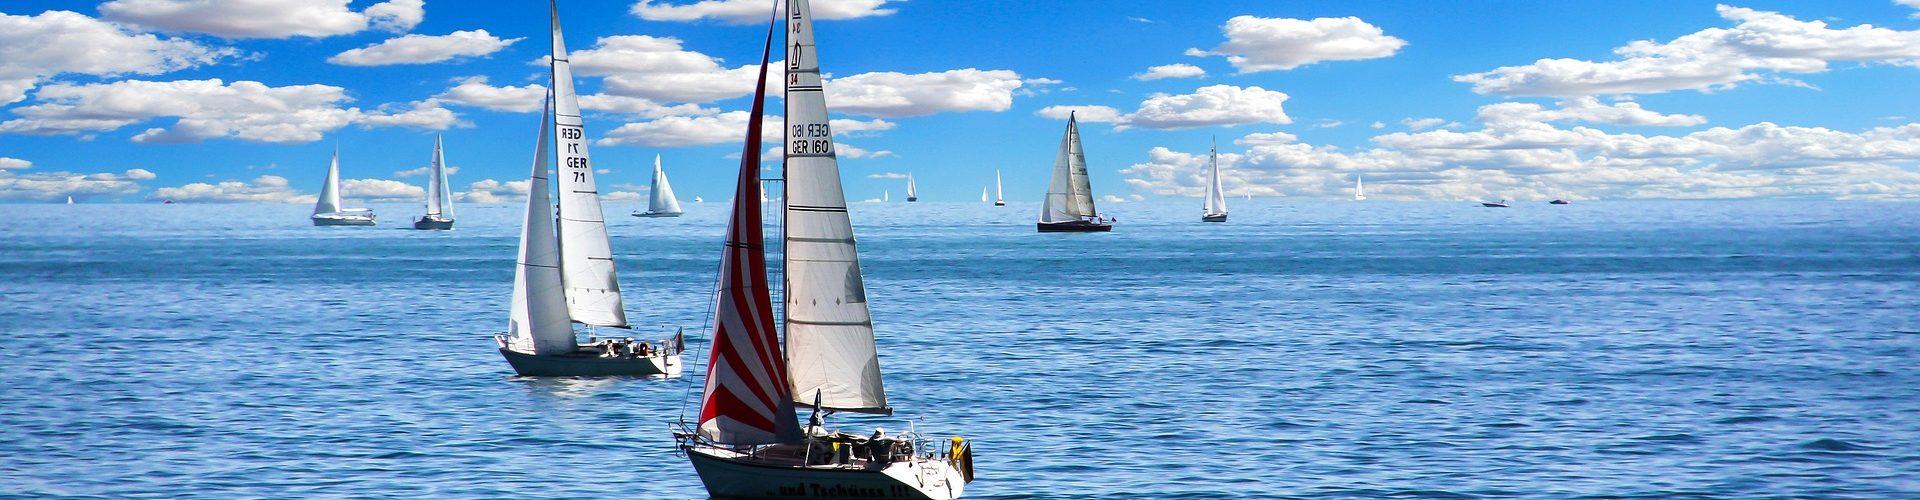 segeln lernen in Donaustauf segelschein machen in Donaustauf 1920x500 - Segeln lernen in Donaustauf